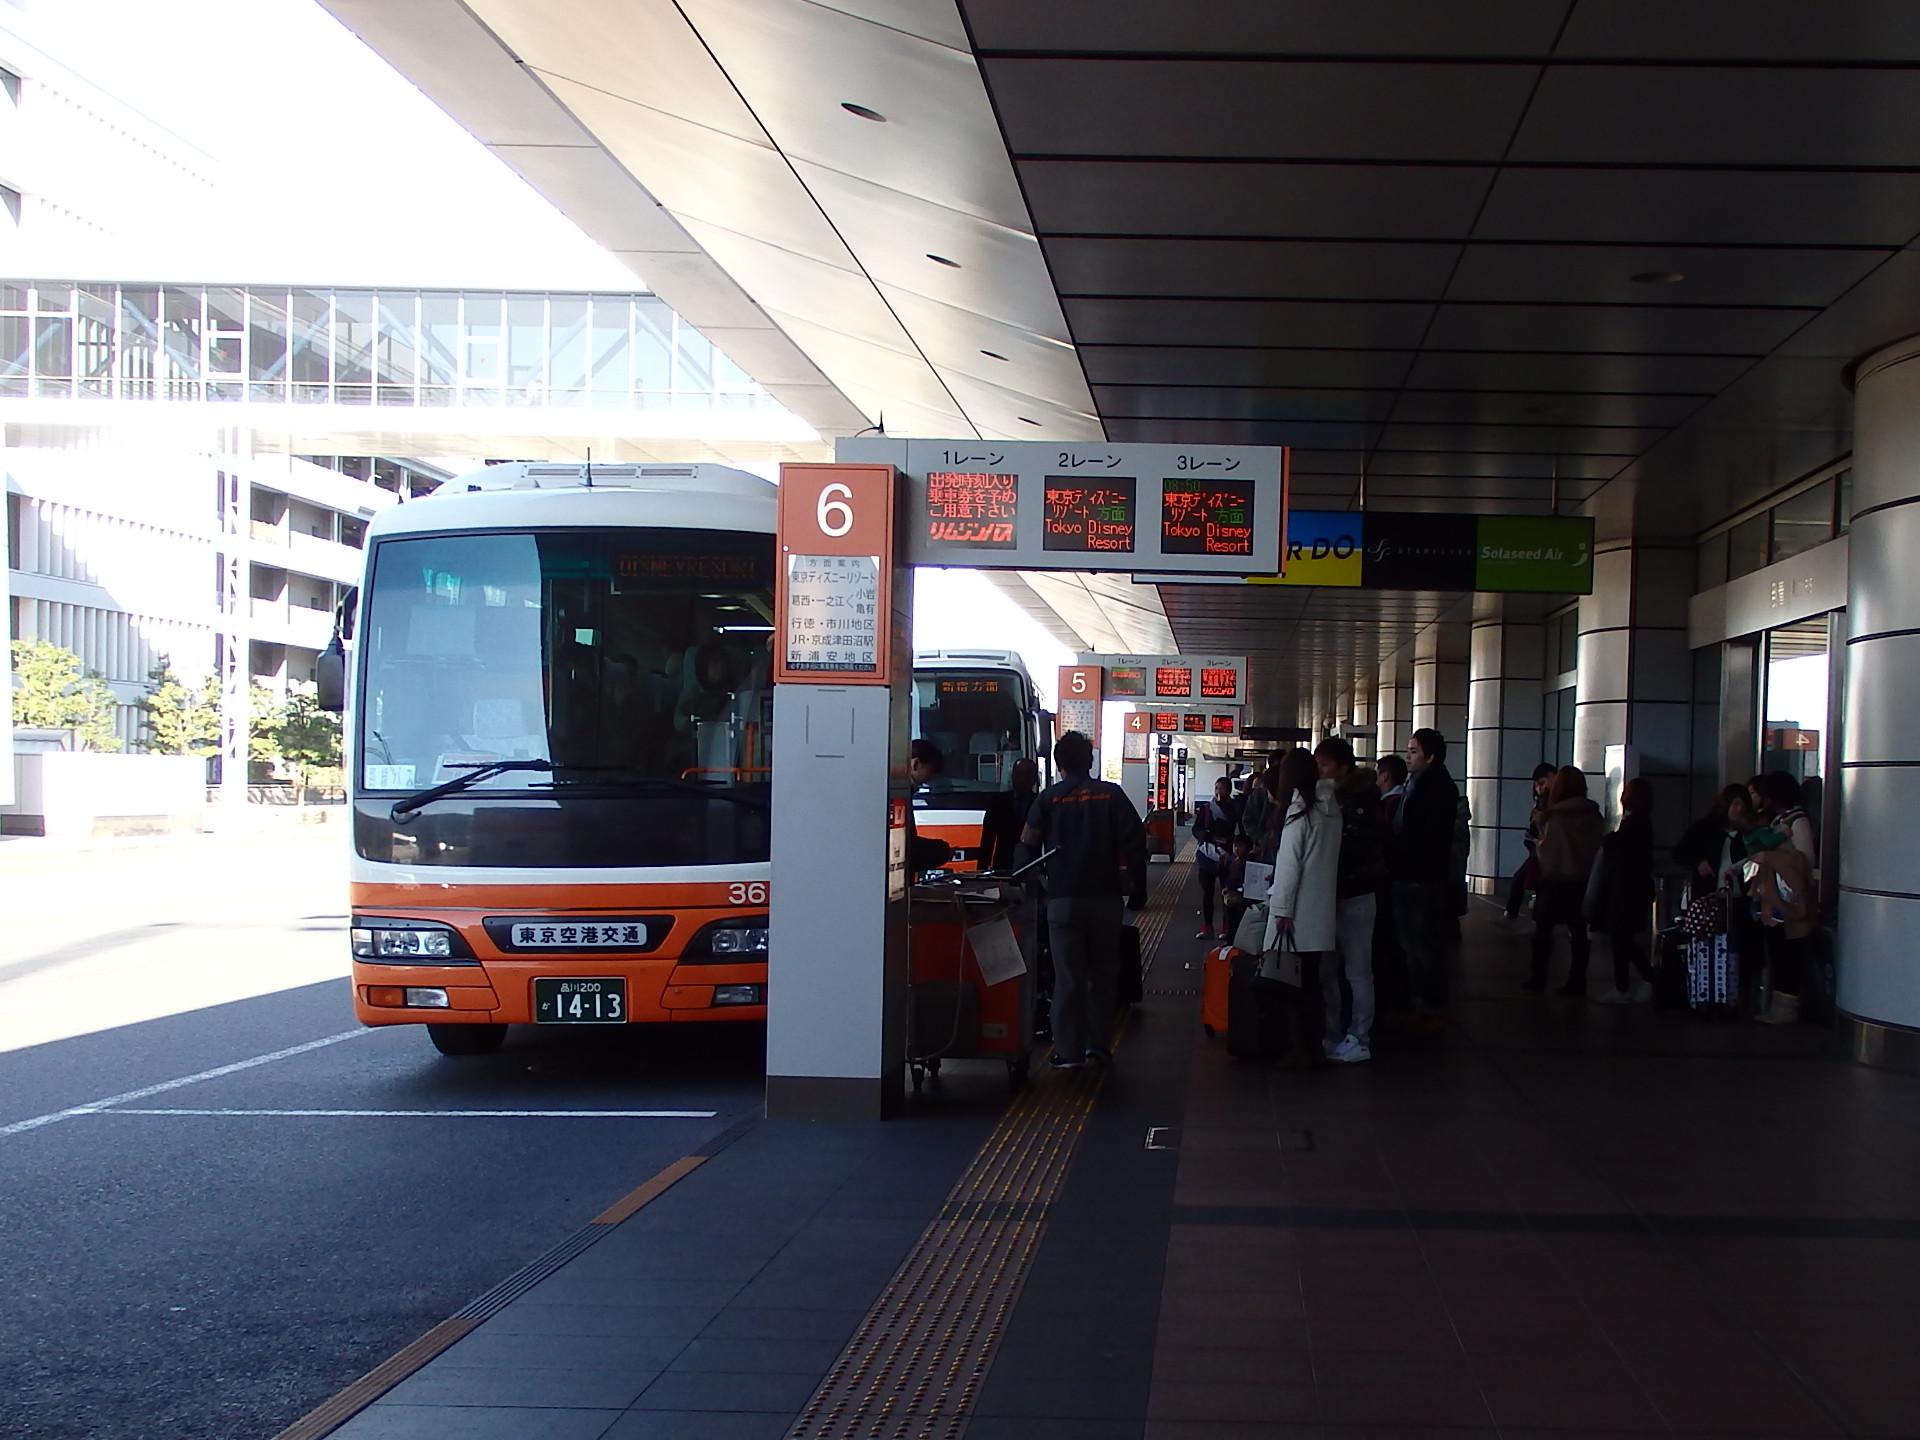 東京ディズニーリゾート方面のバスはいっぱい。